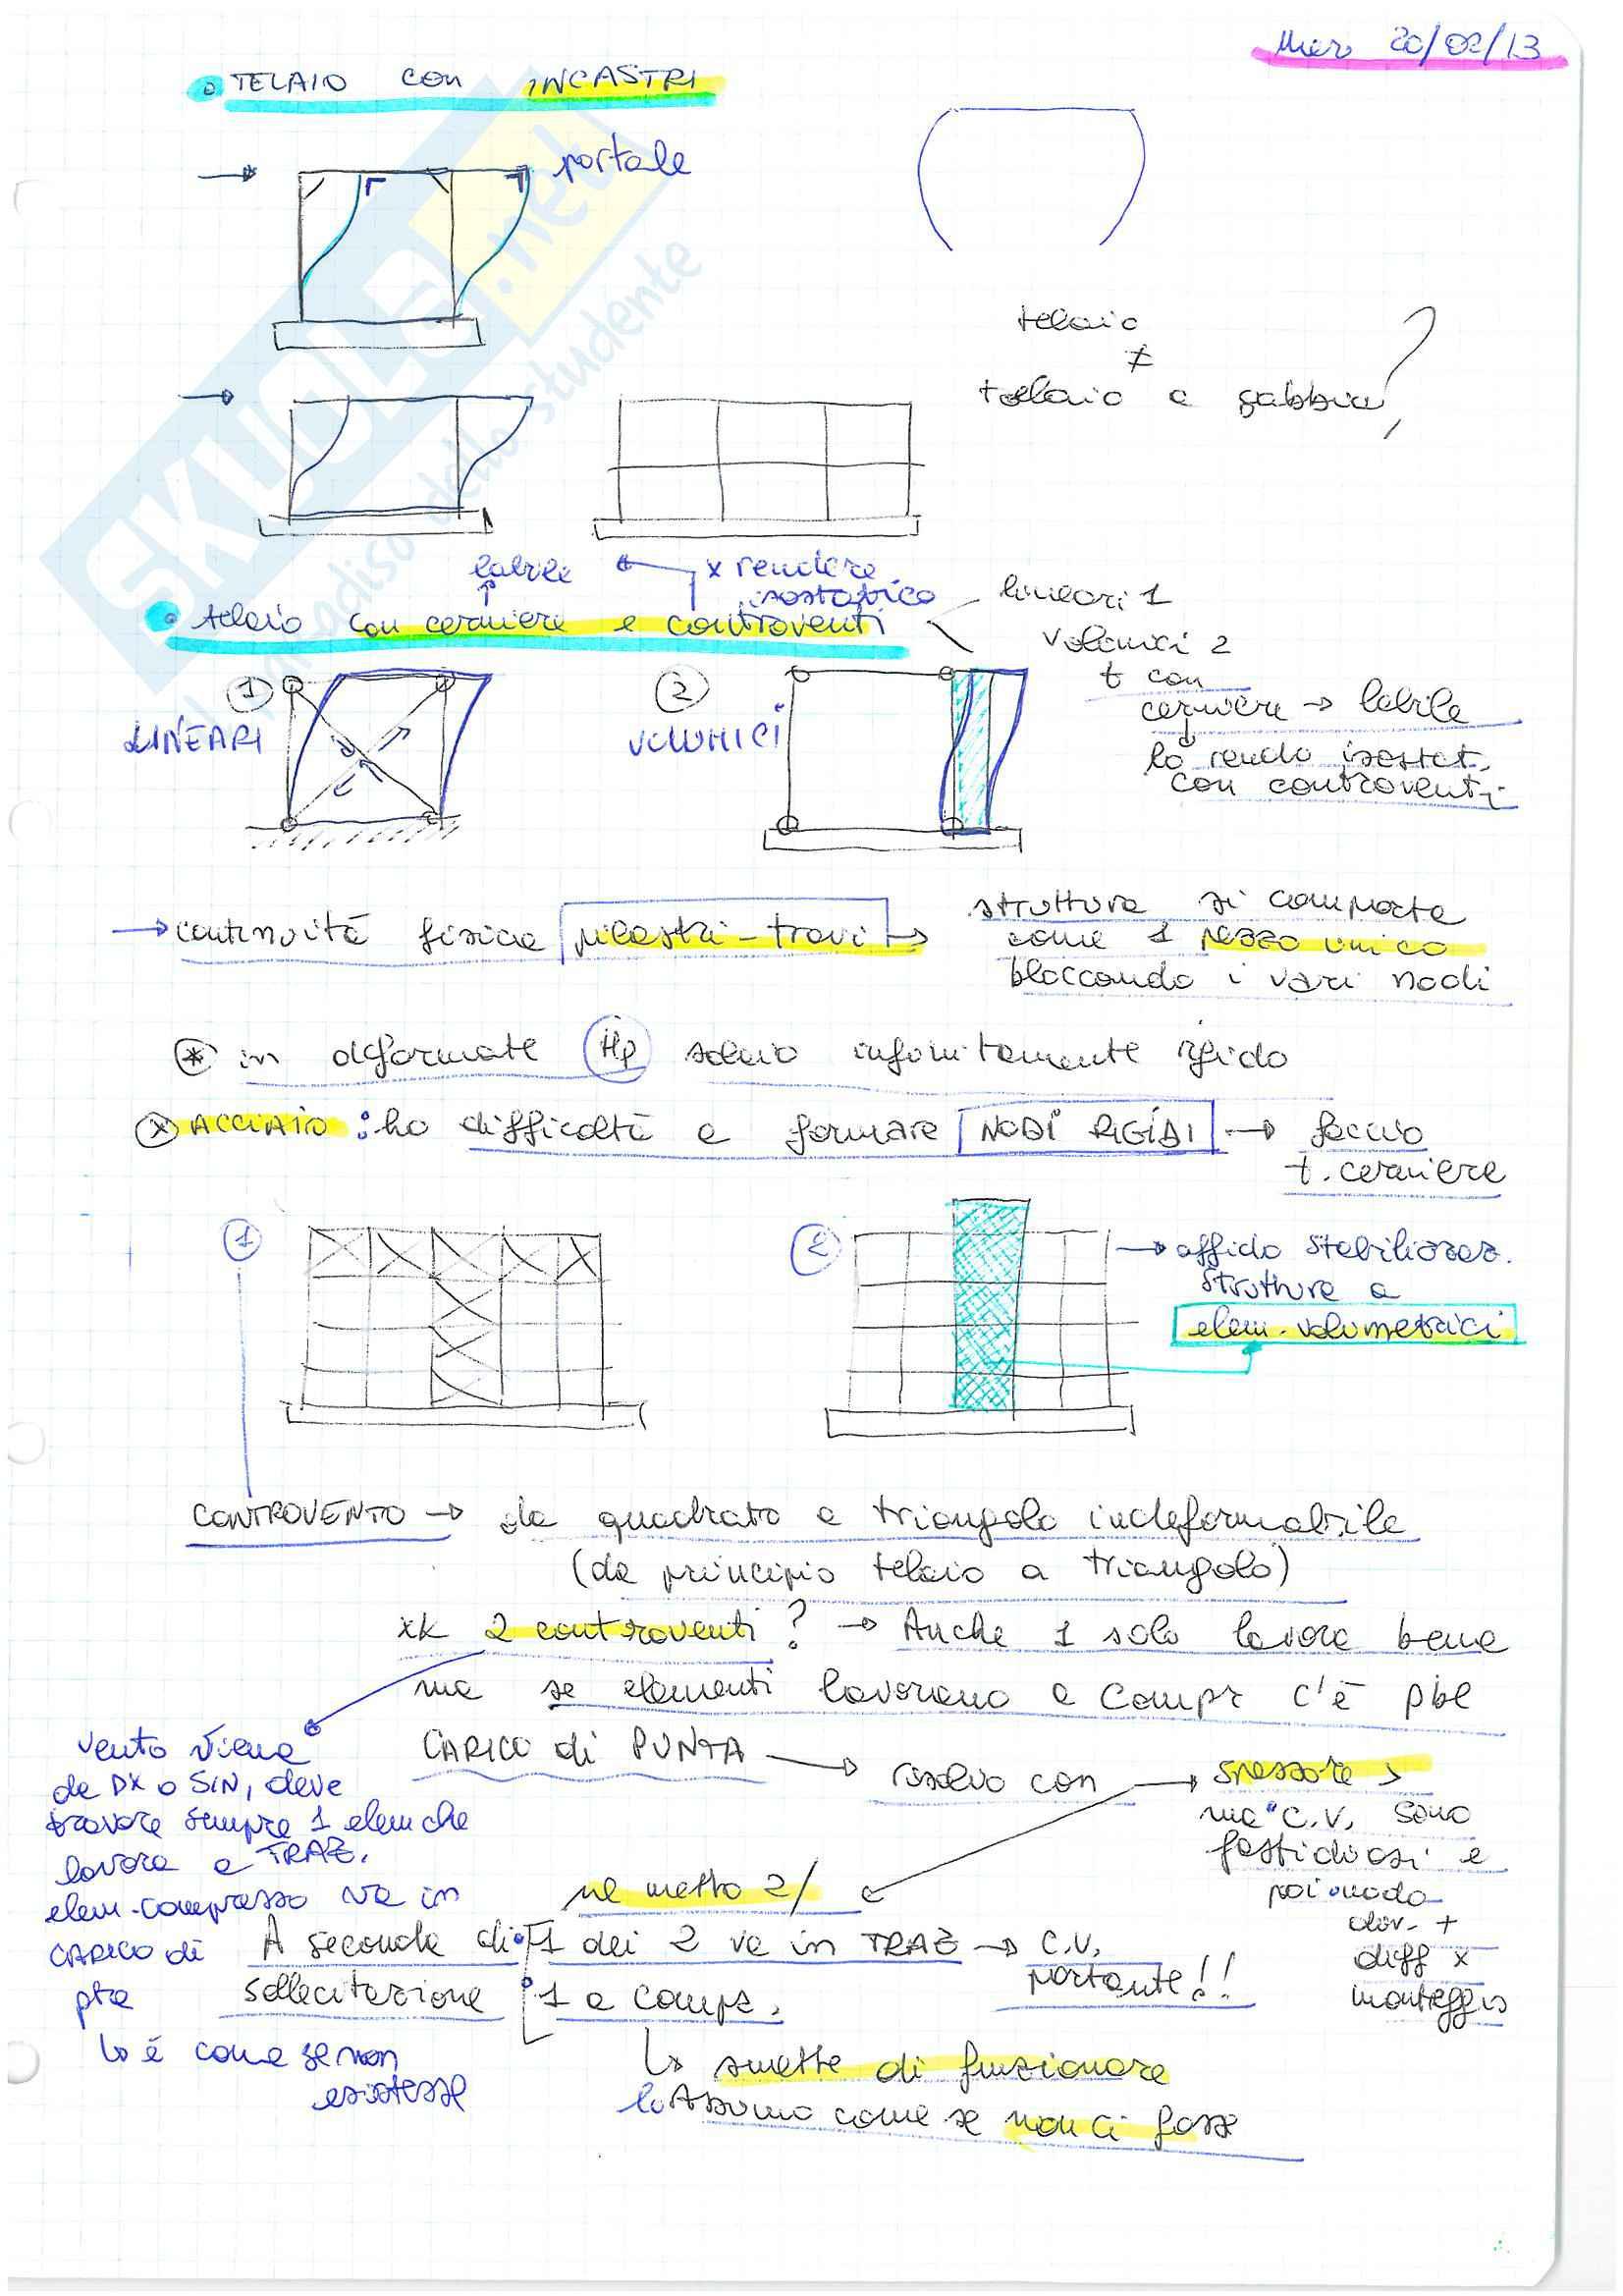 (2/2) Appunti presi a lezione di Architettura Tecnica 2, prof. M. Ferrero Pag. 21